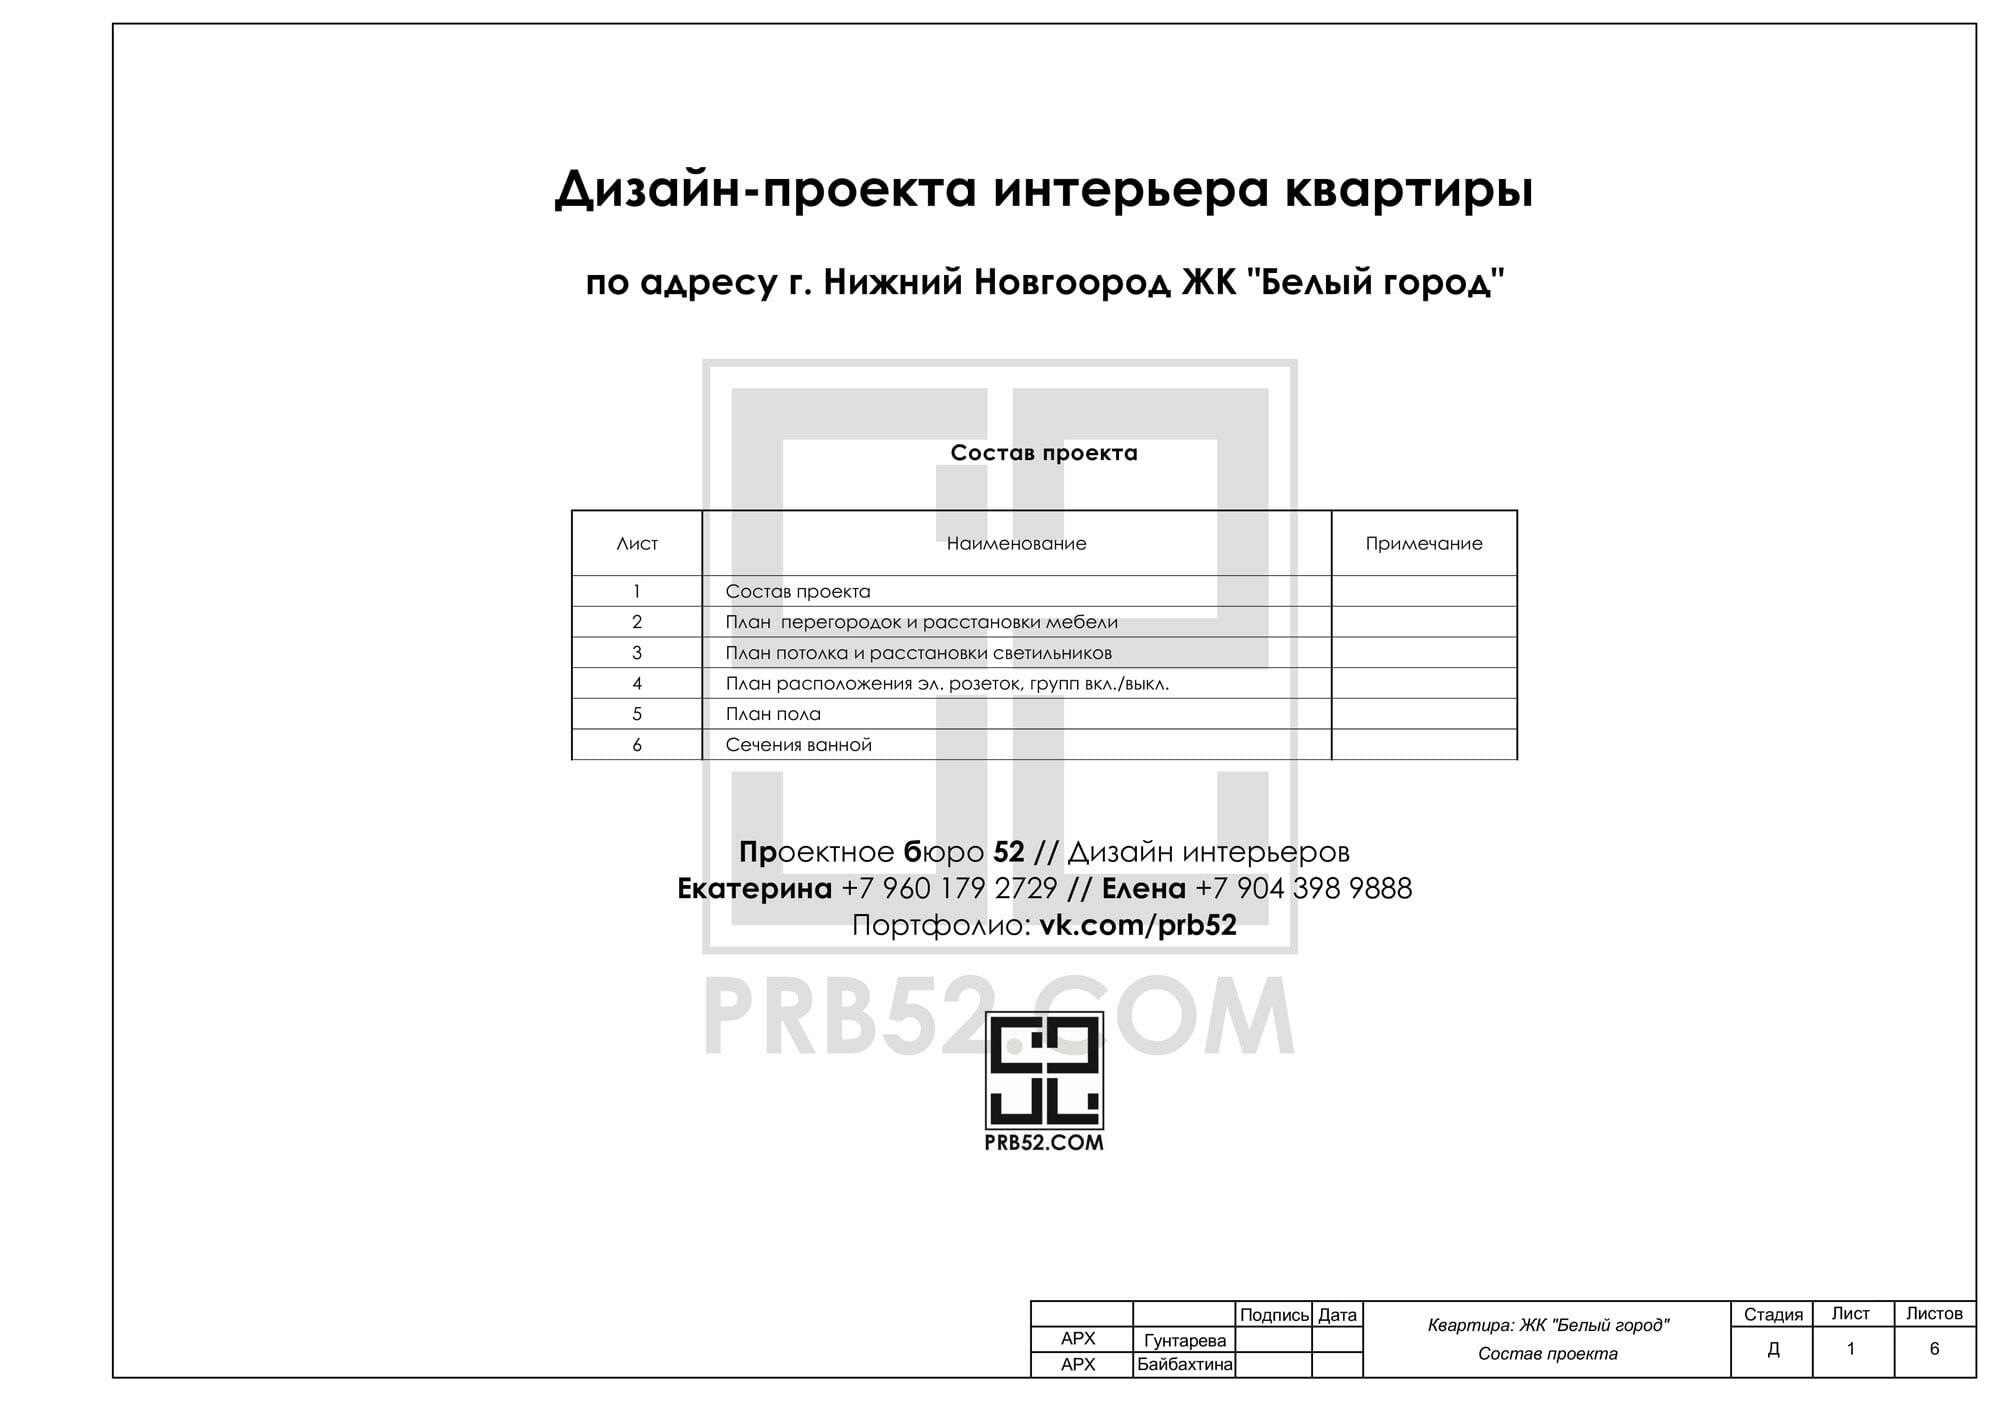 дизайн интерьера планы состав проекта